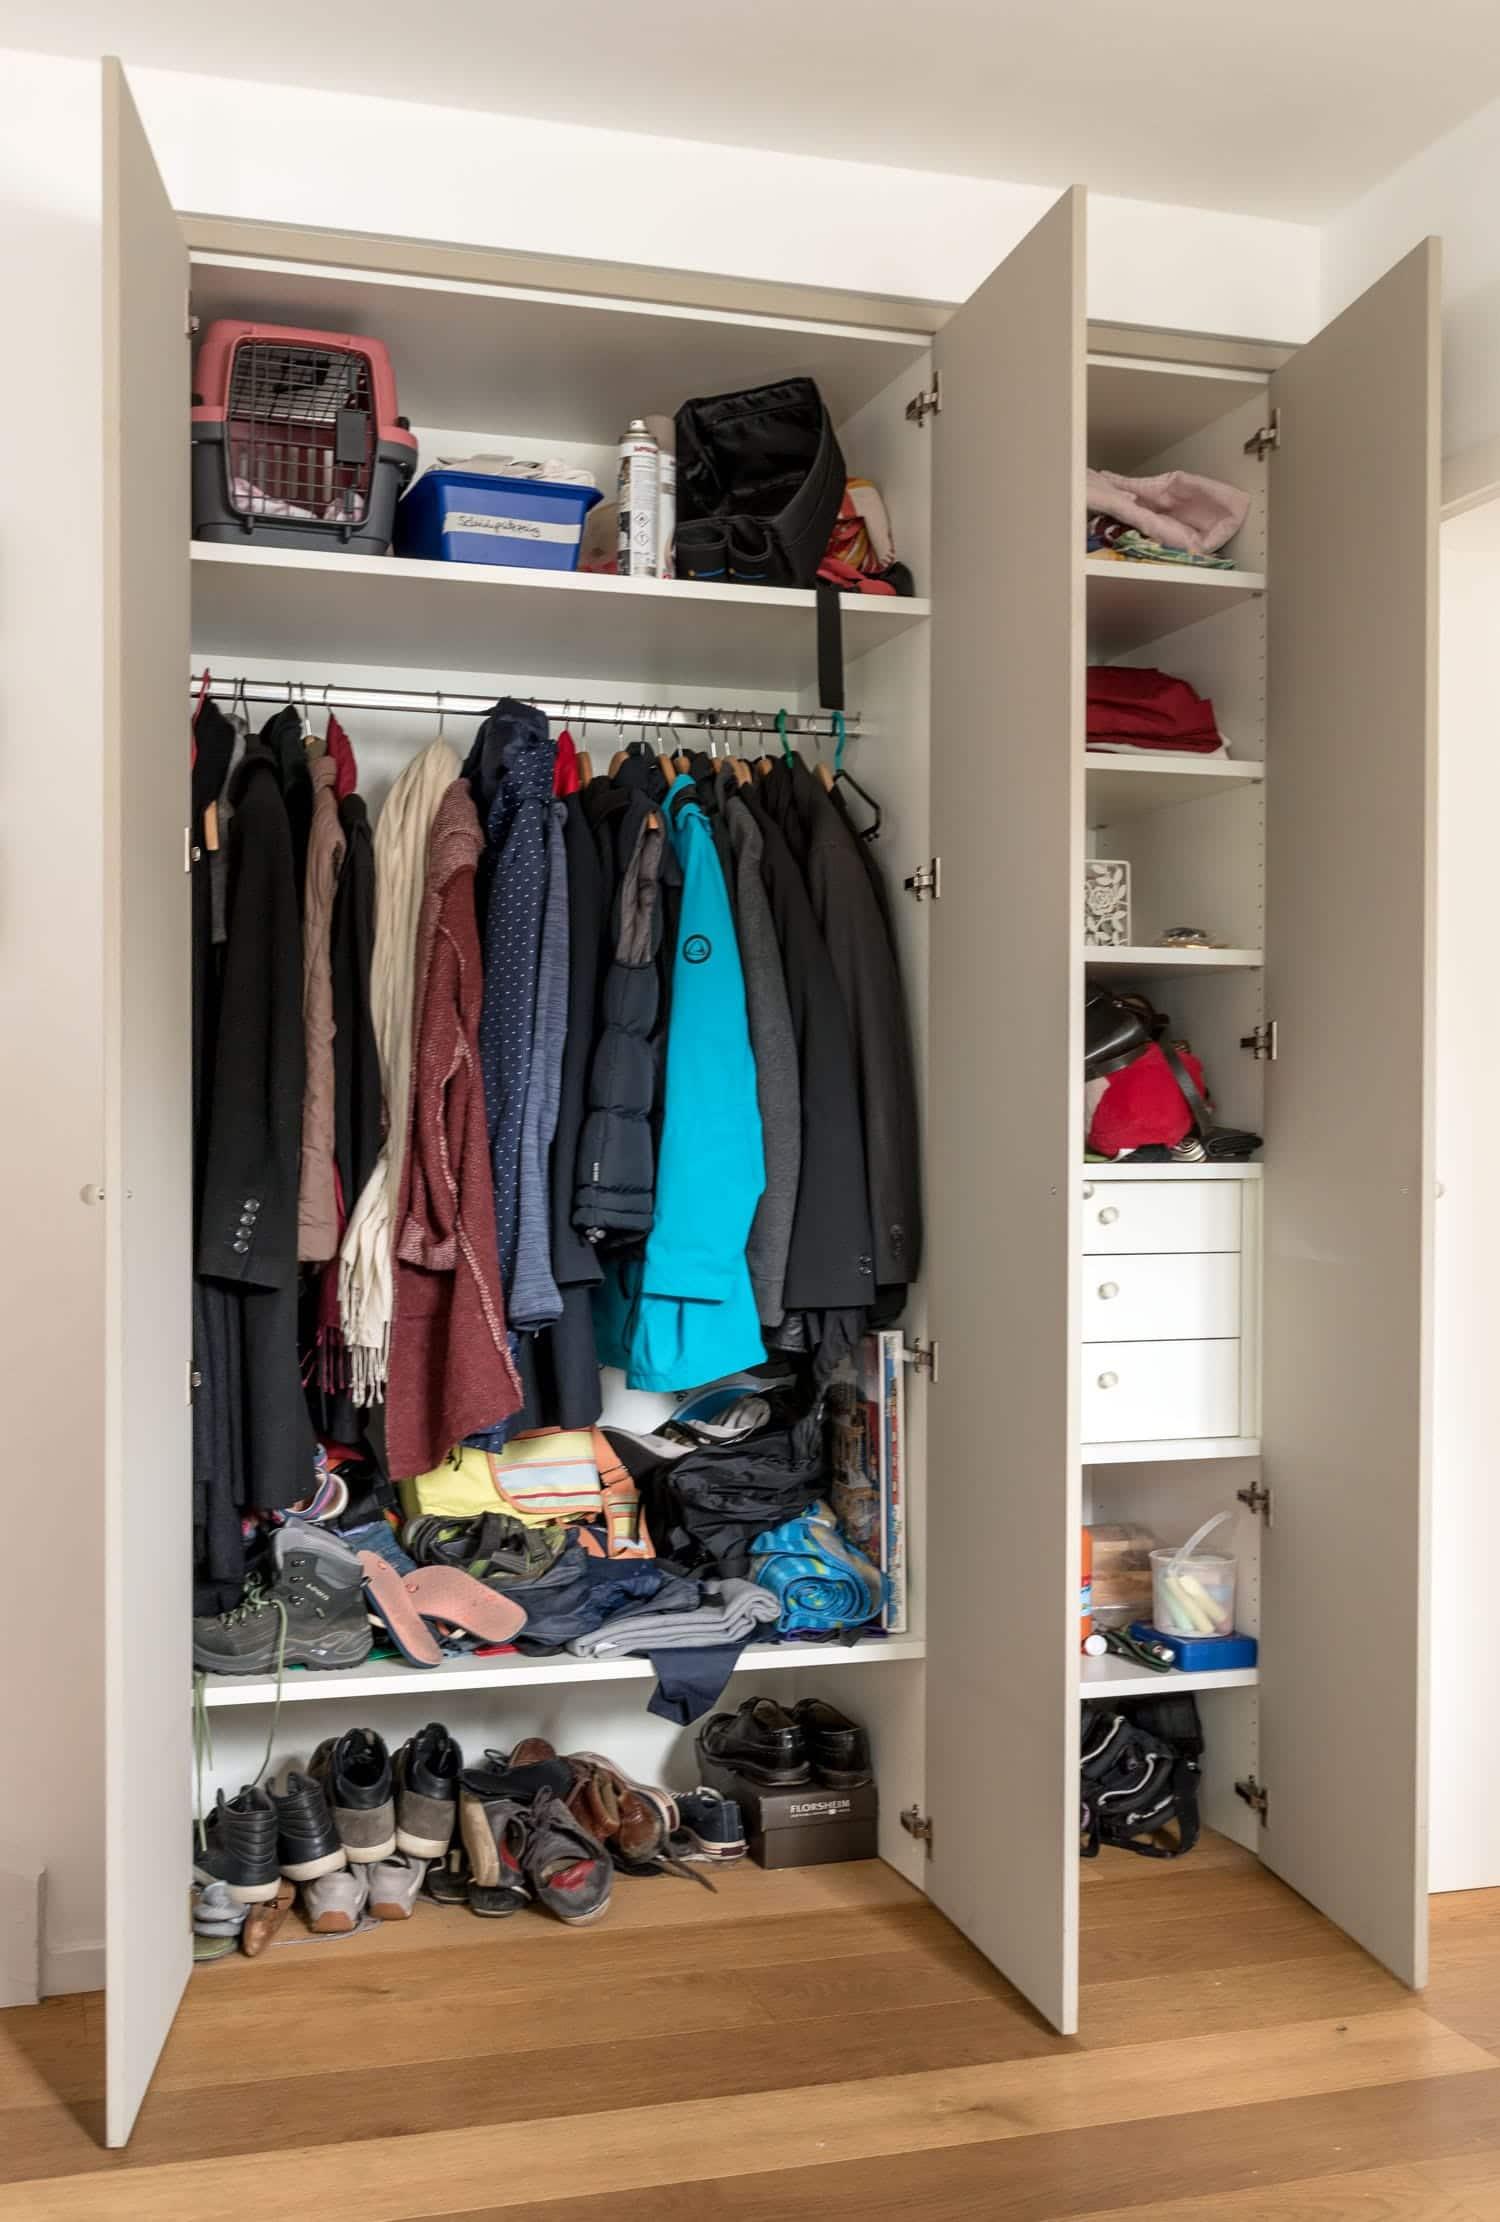 tischlerei-hanses-essen-moebel-handwerk-garderobe-1